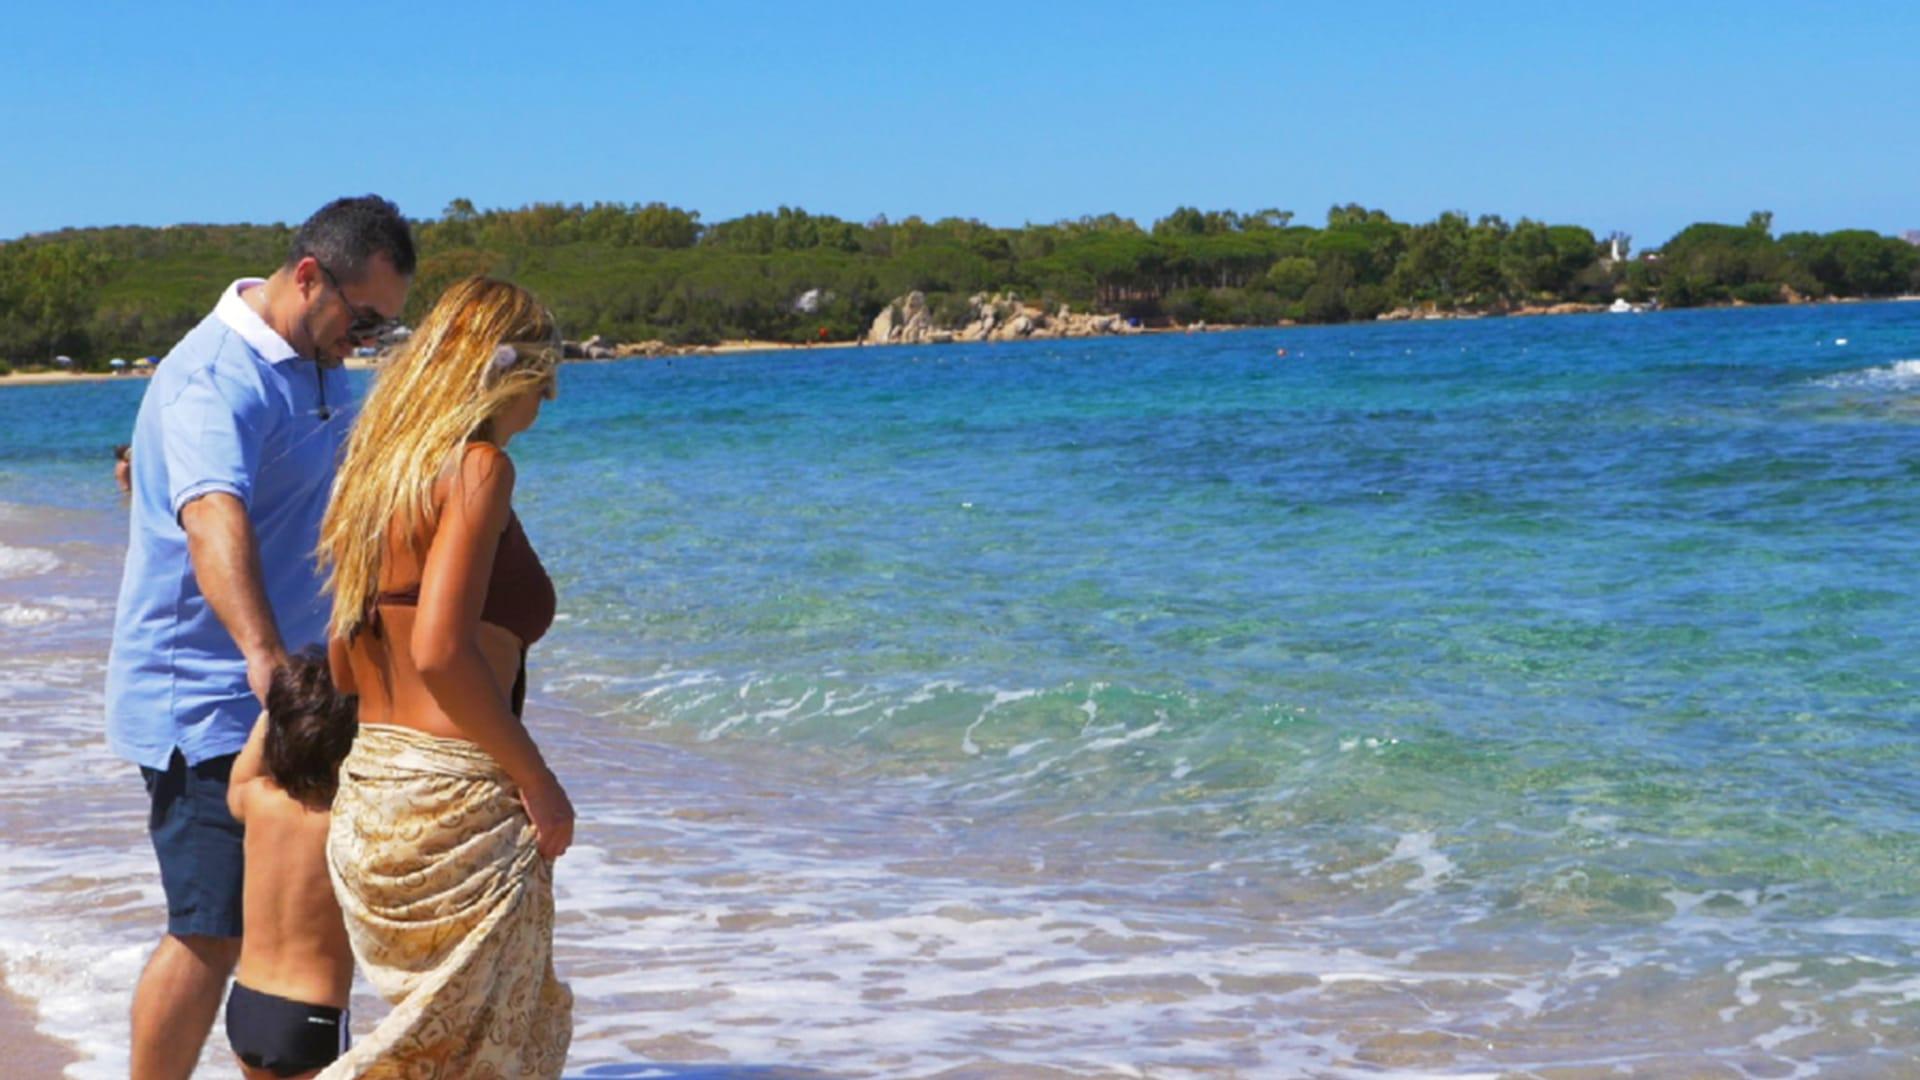 Consigli per le vacanze con bambini in costa smeralda for Vacanze in famiglia